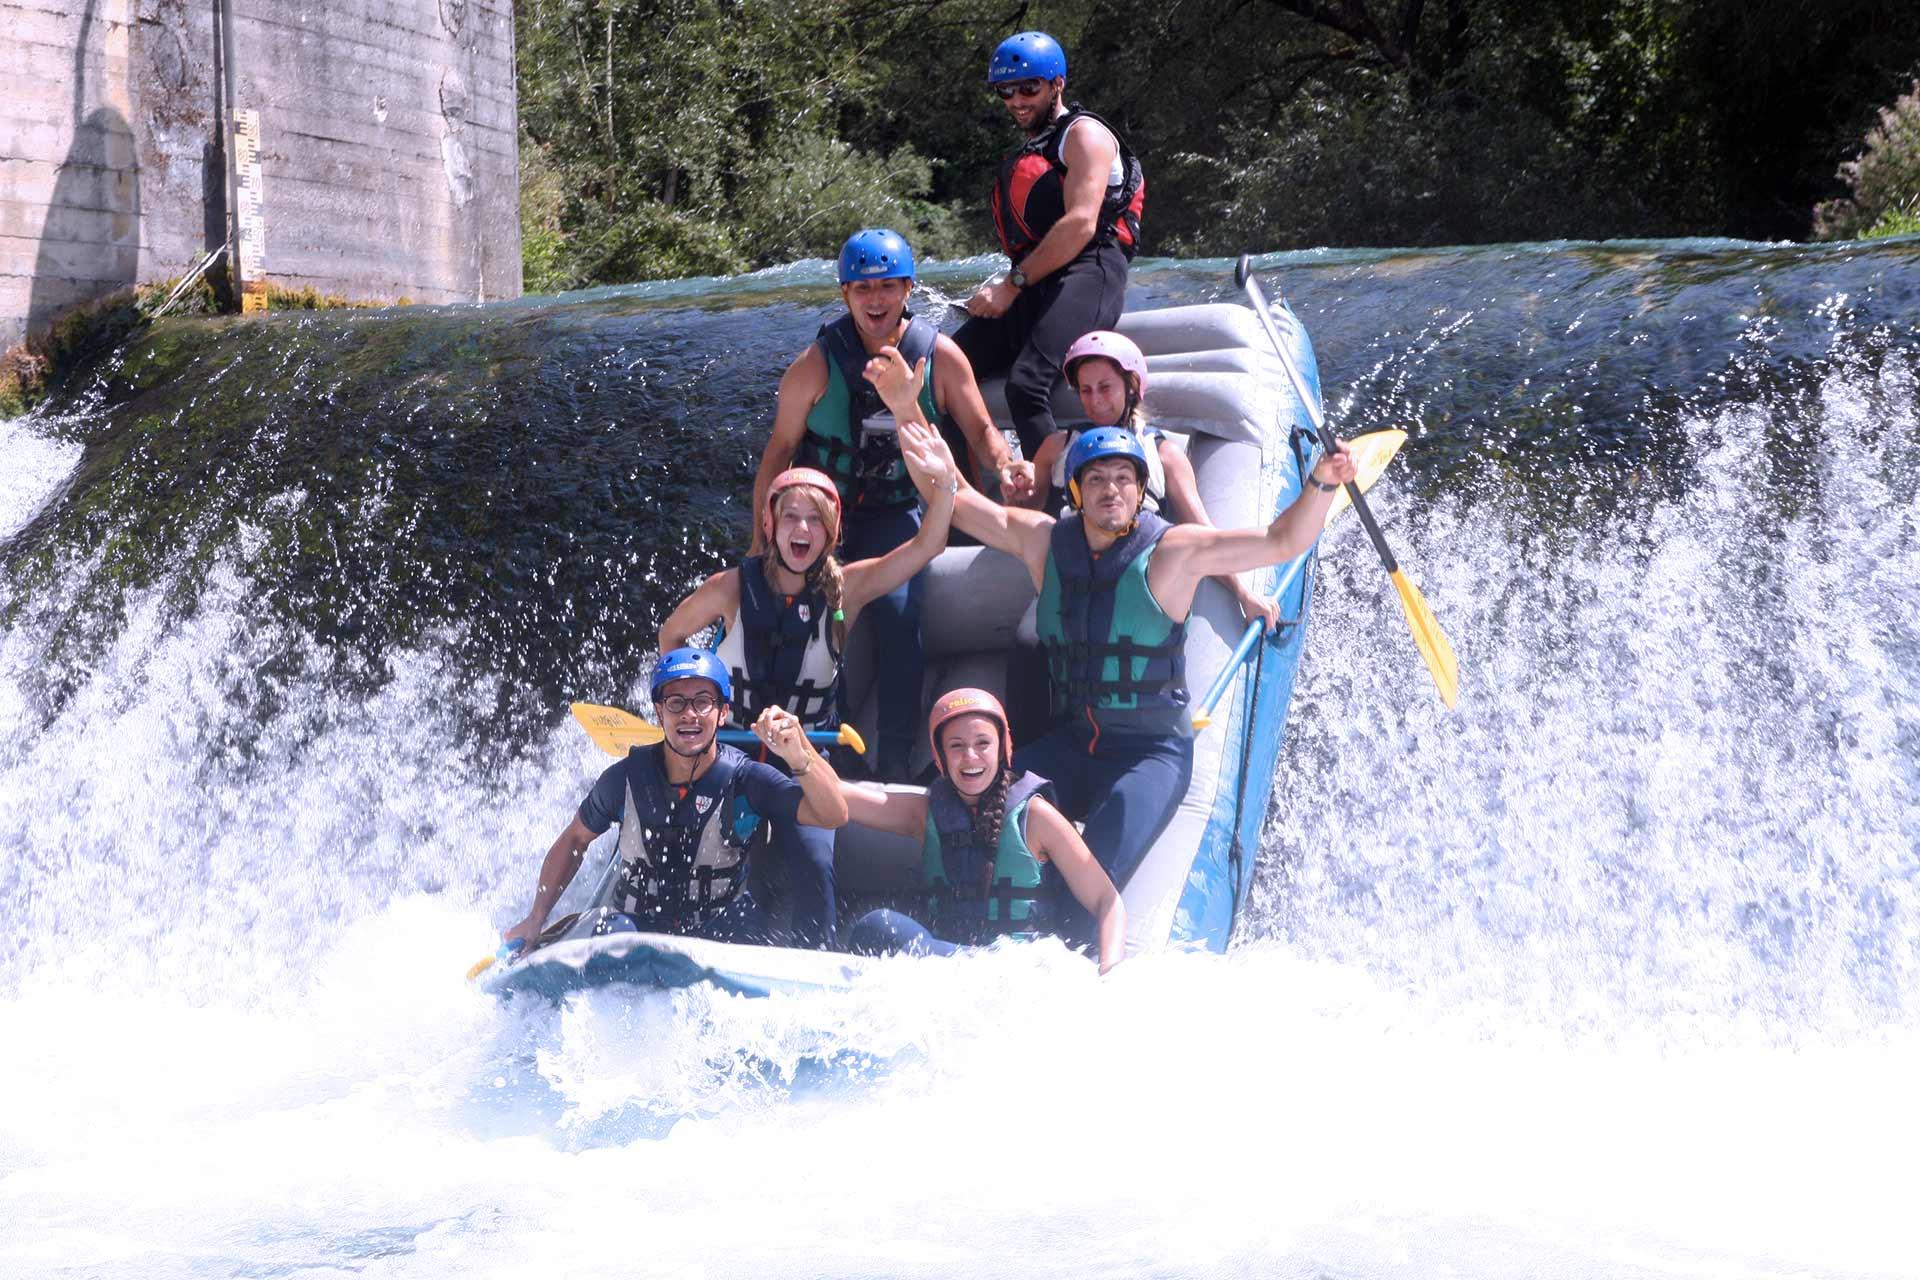 gruppo di colleghi durante l'attività di rafting